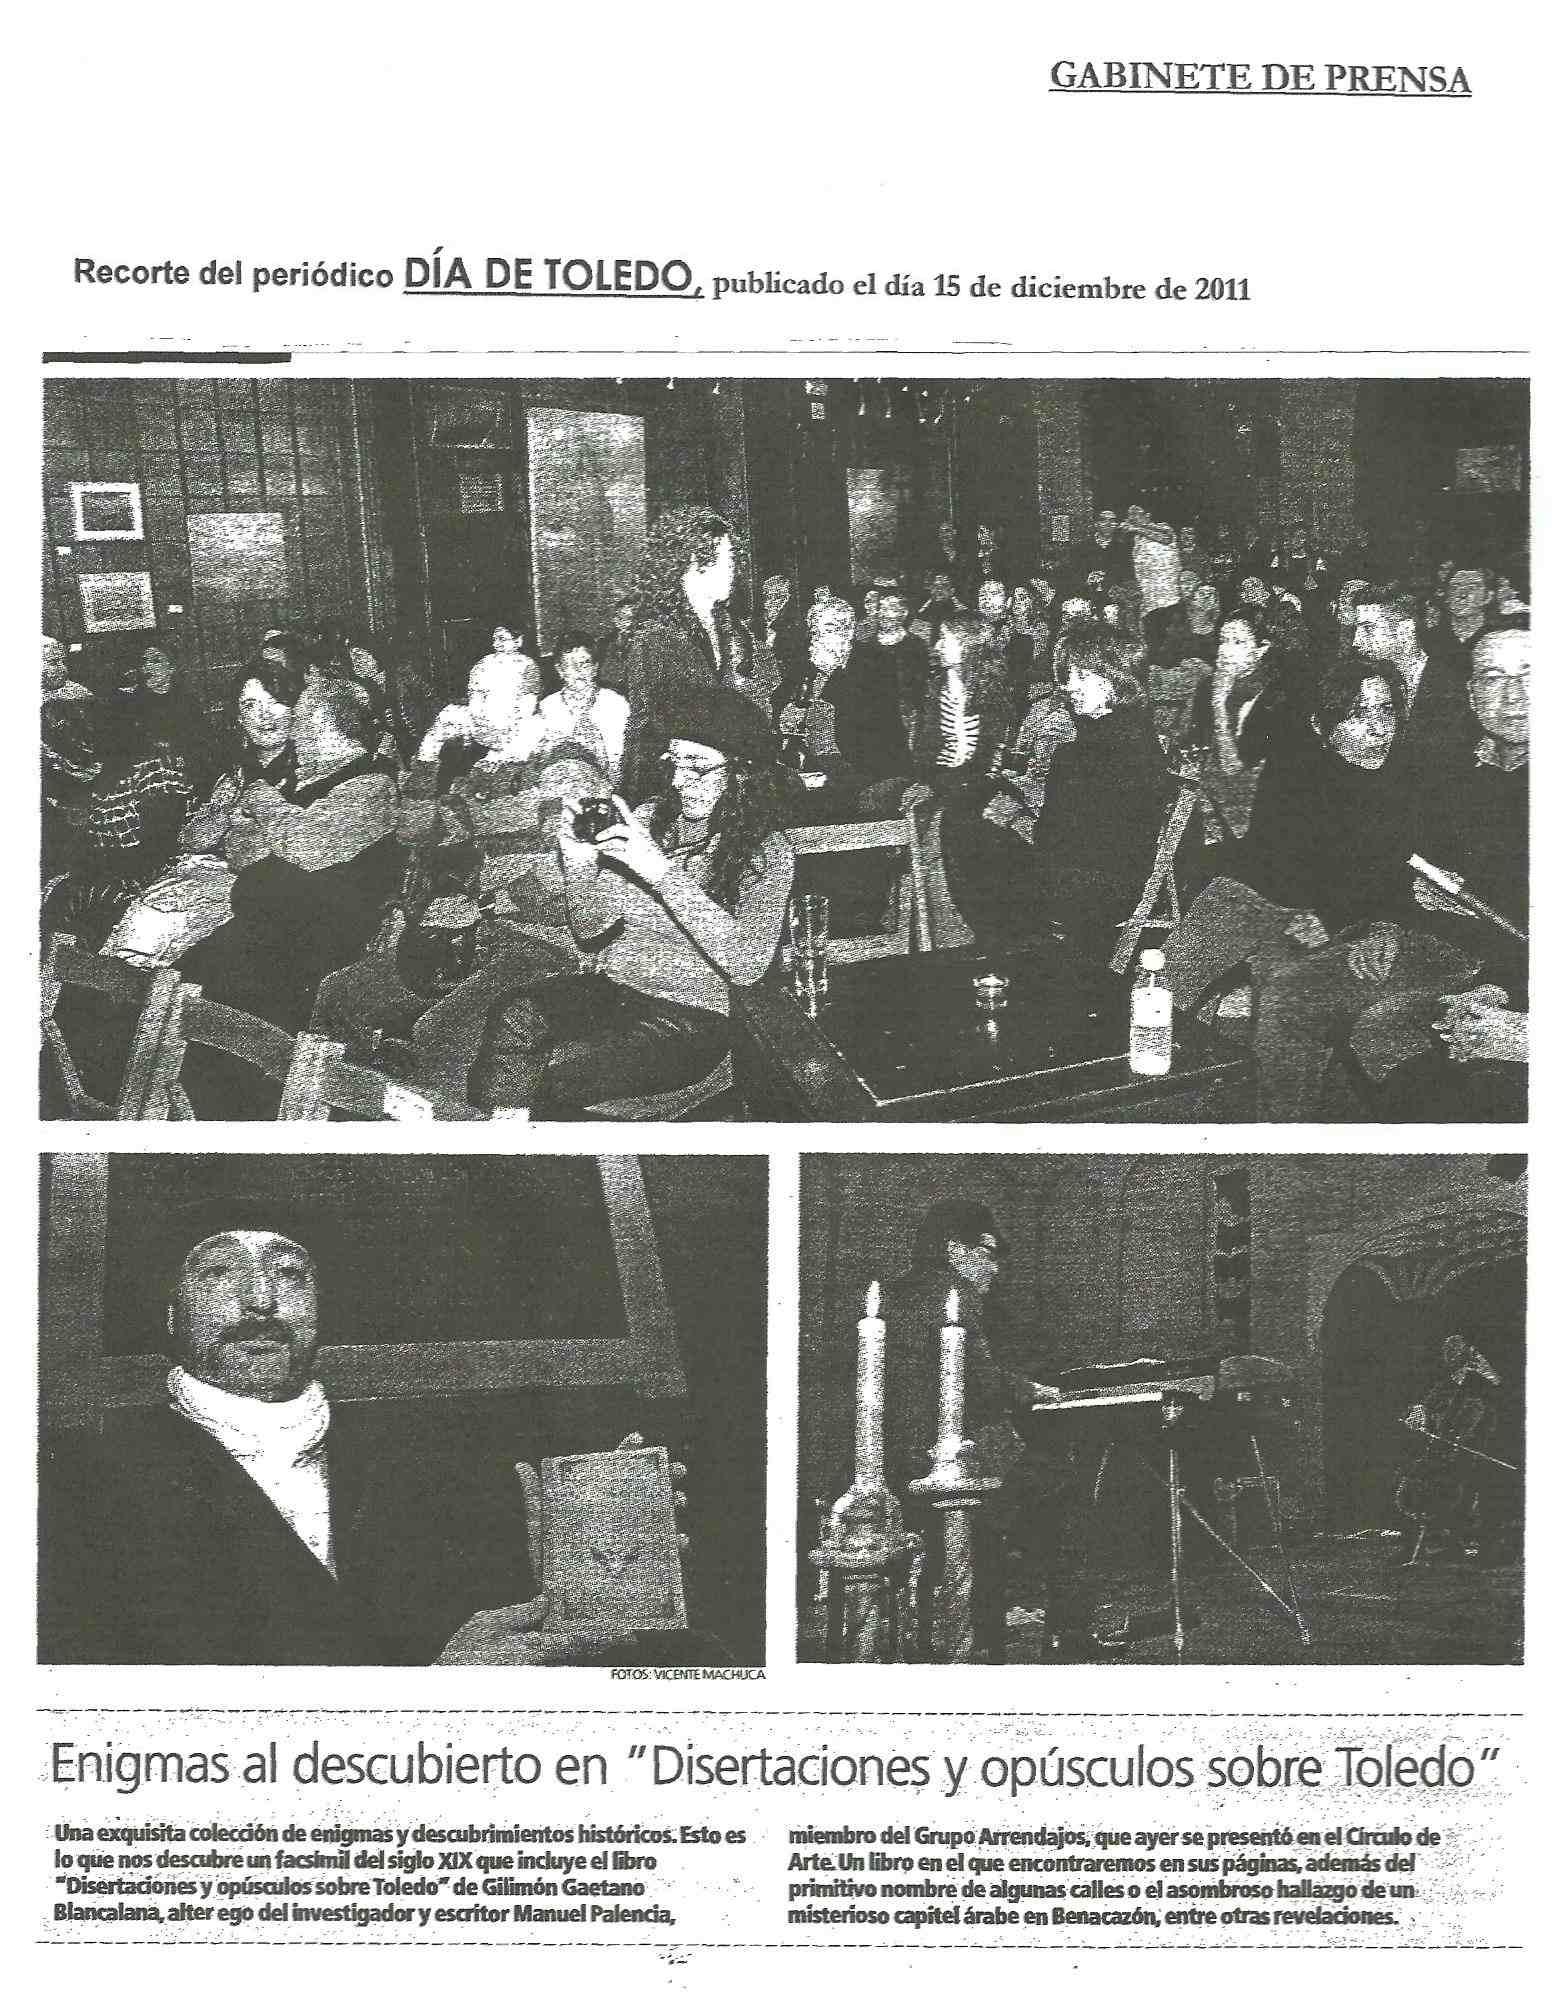 EL DÍA DE TOLEDO: 'Disertaciones y opúsculos sobre Toledo'.